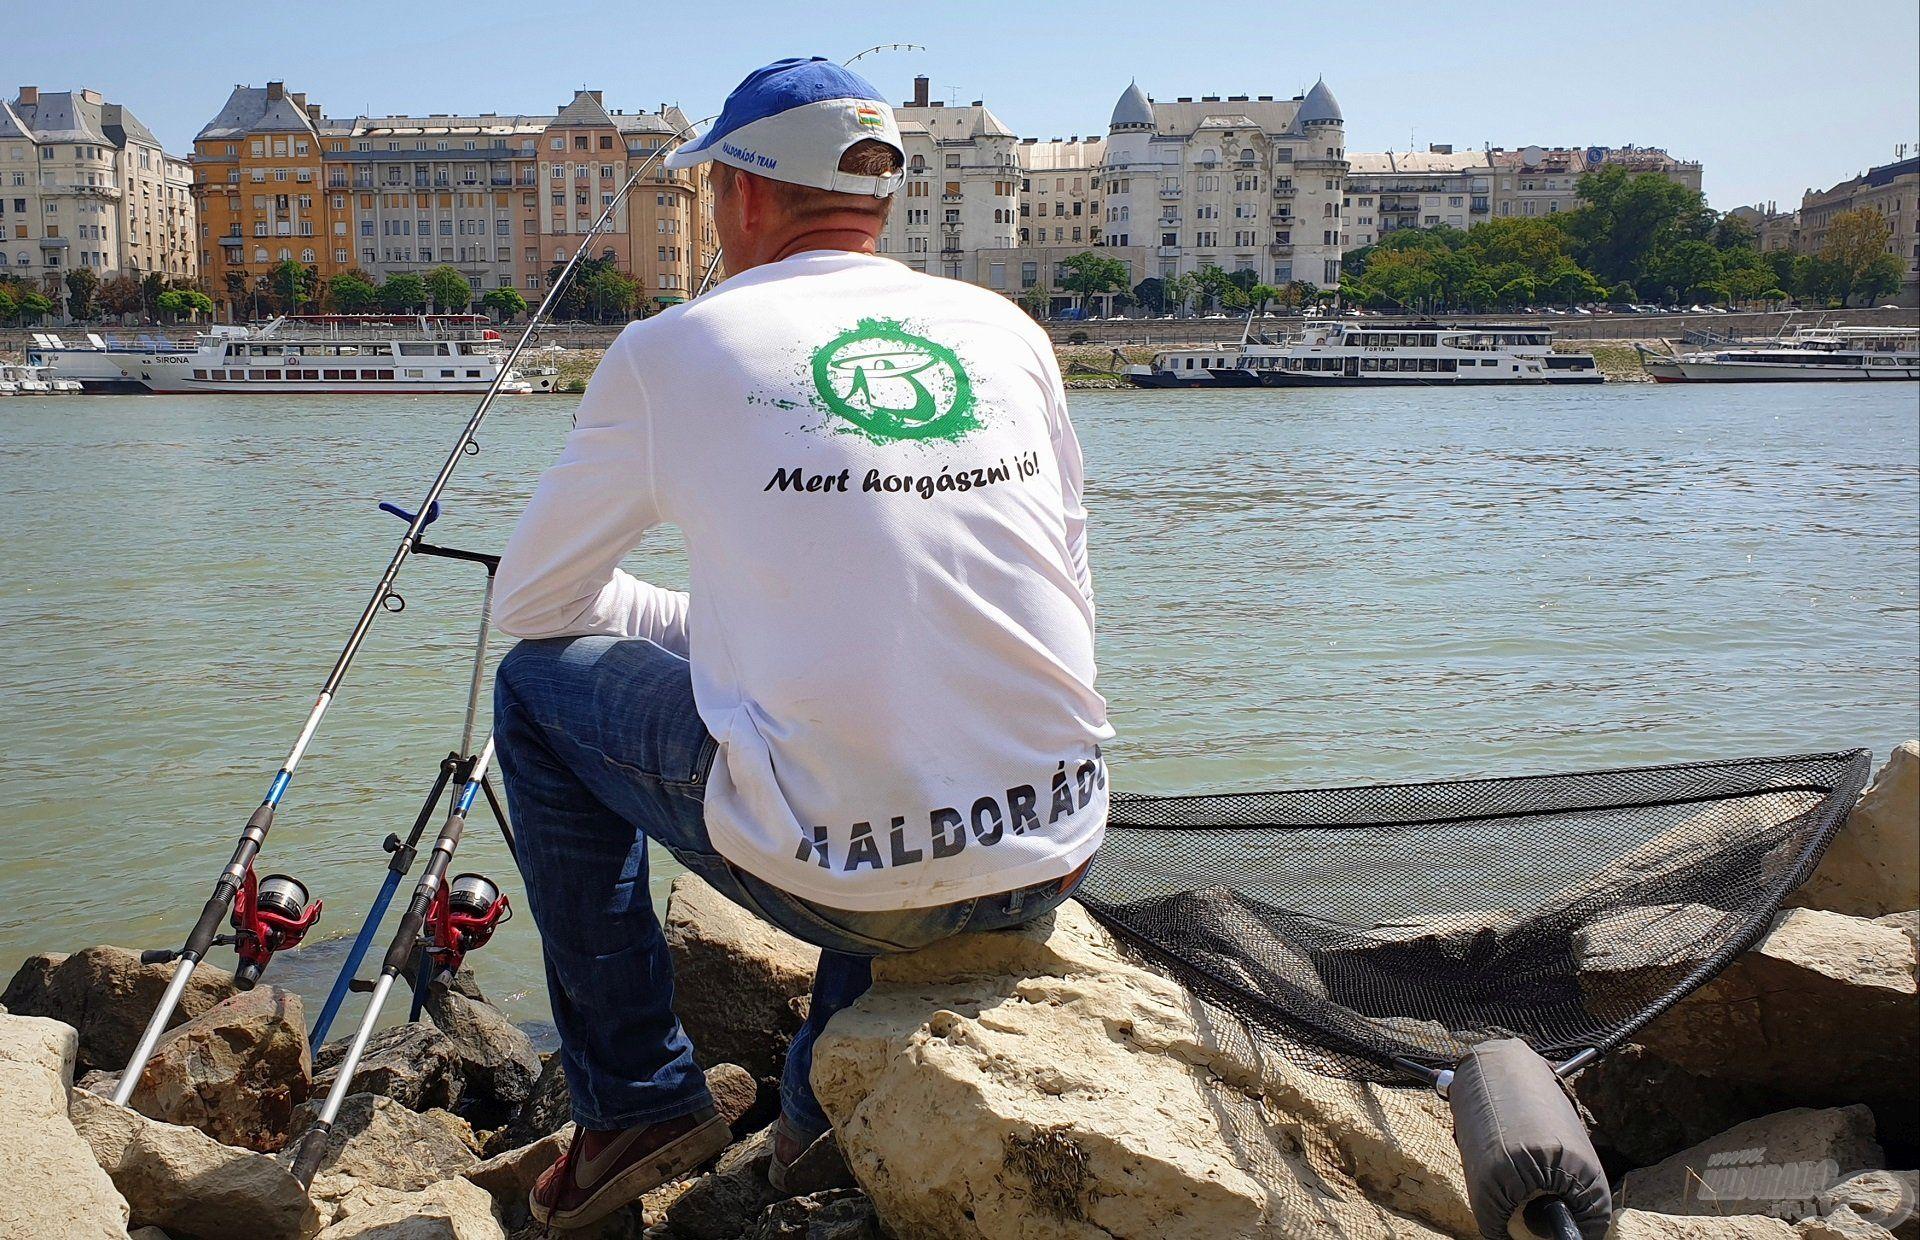 Mert horgászni jó… Kapásra várva, a jól bevált Big River 390 RXH párossal